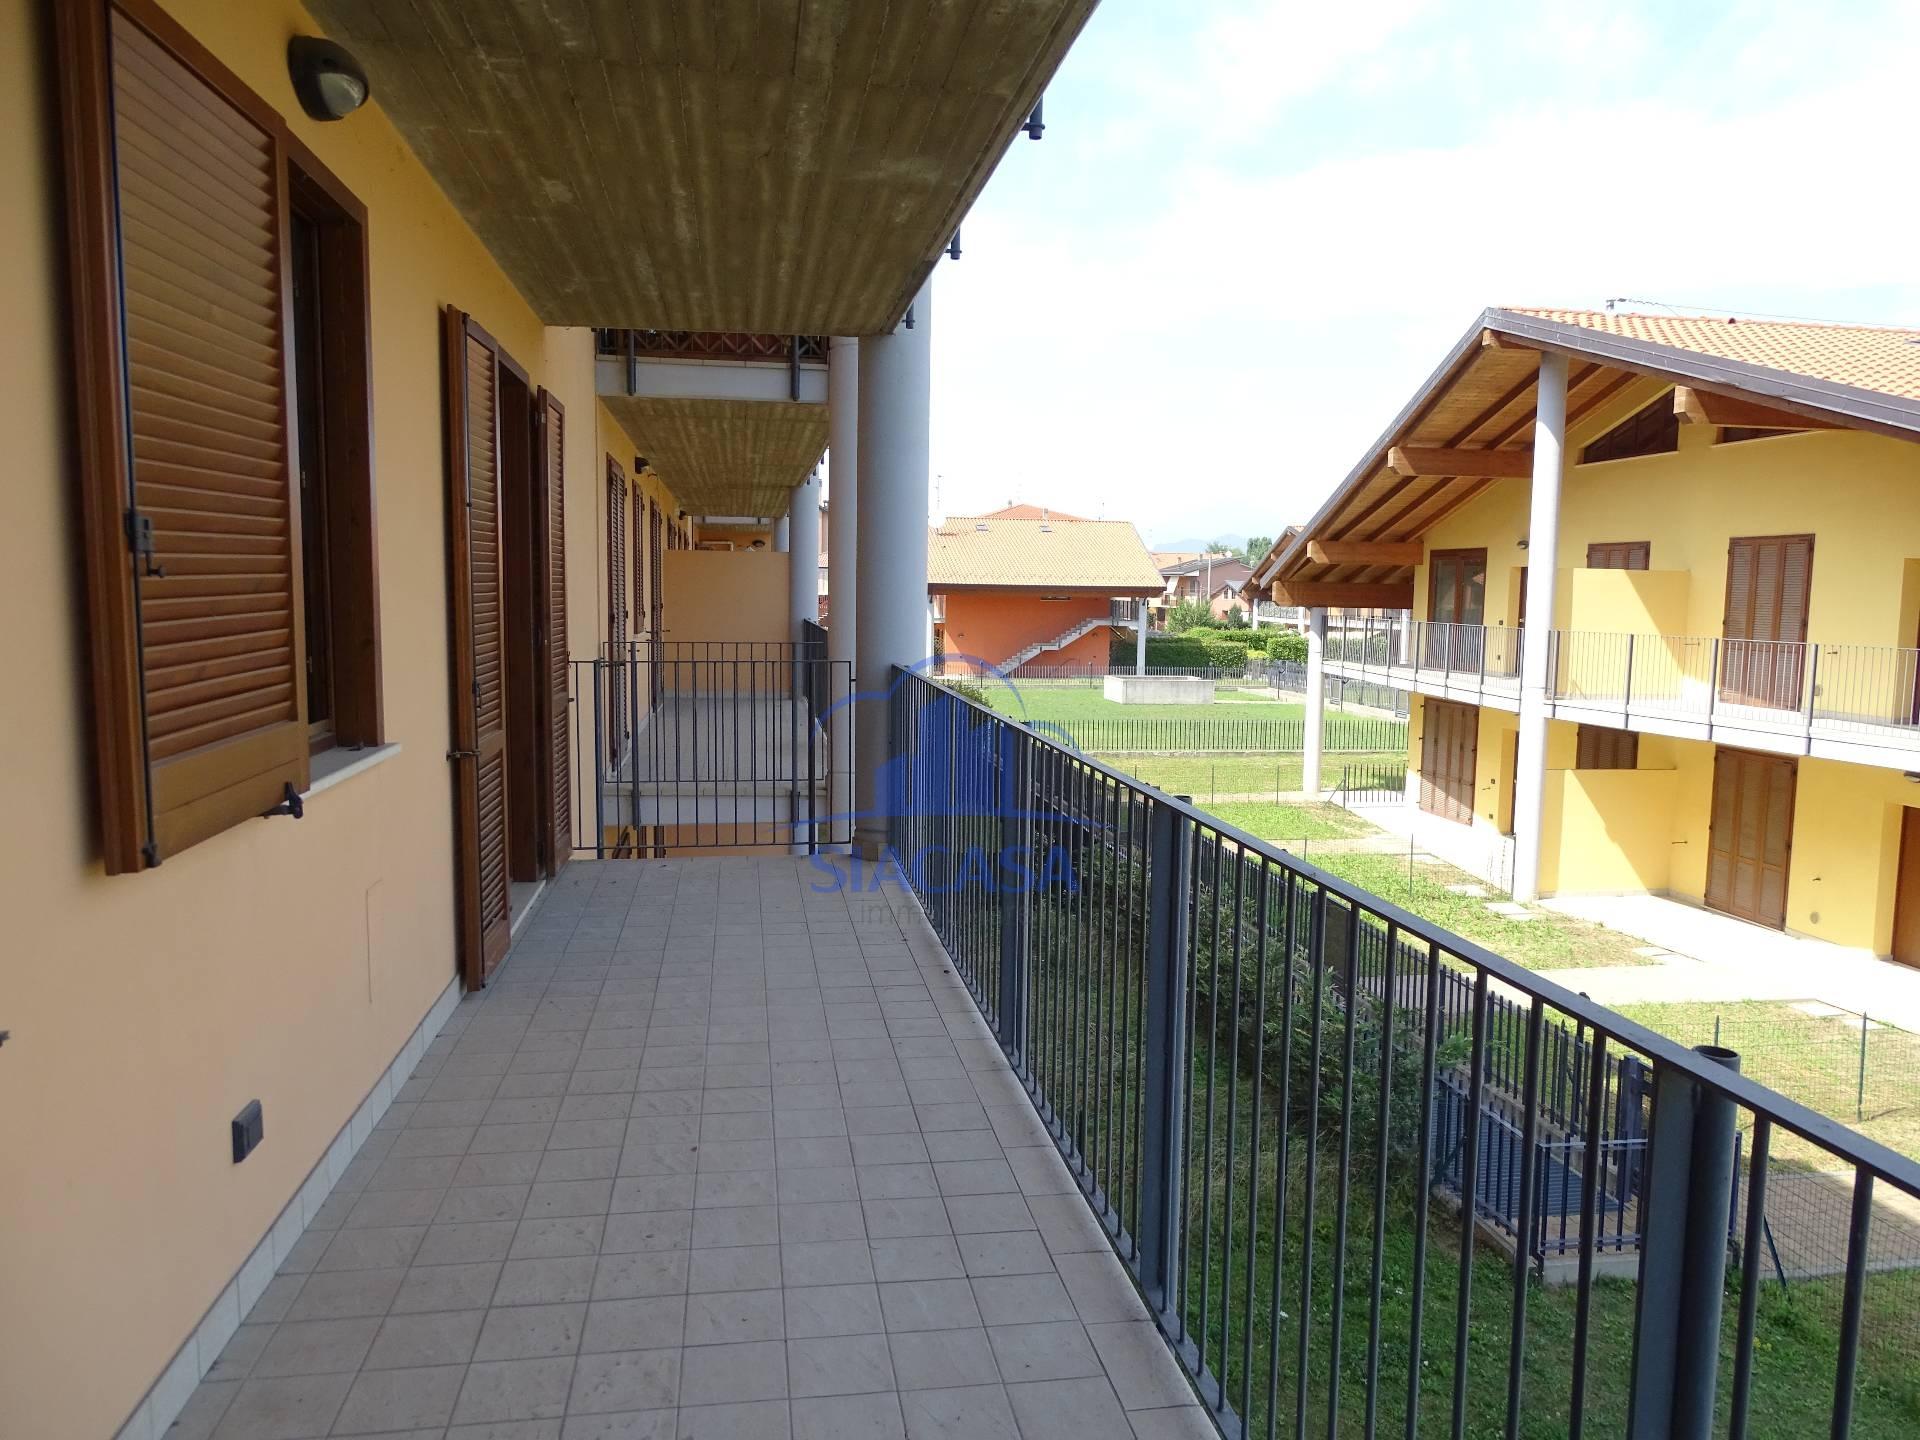 Appartamento in vendita a Cornate d'Adda, 3 locali, prezzo € 139.000 | PortaleAgenzieImmobiliari.it